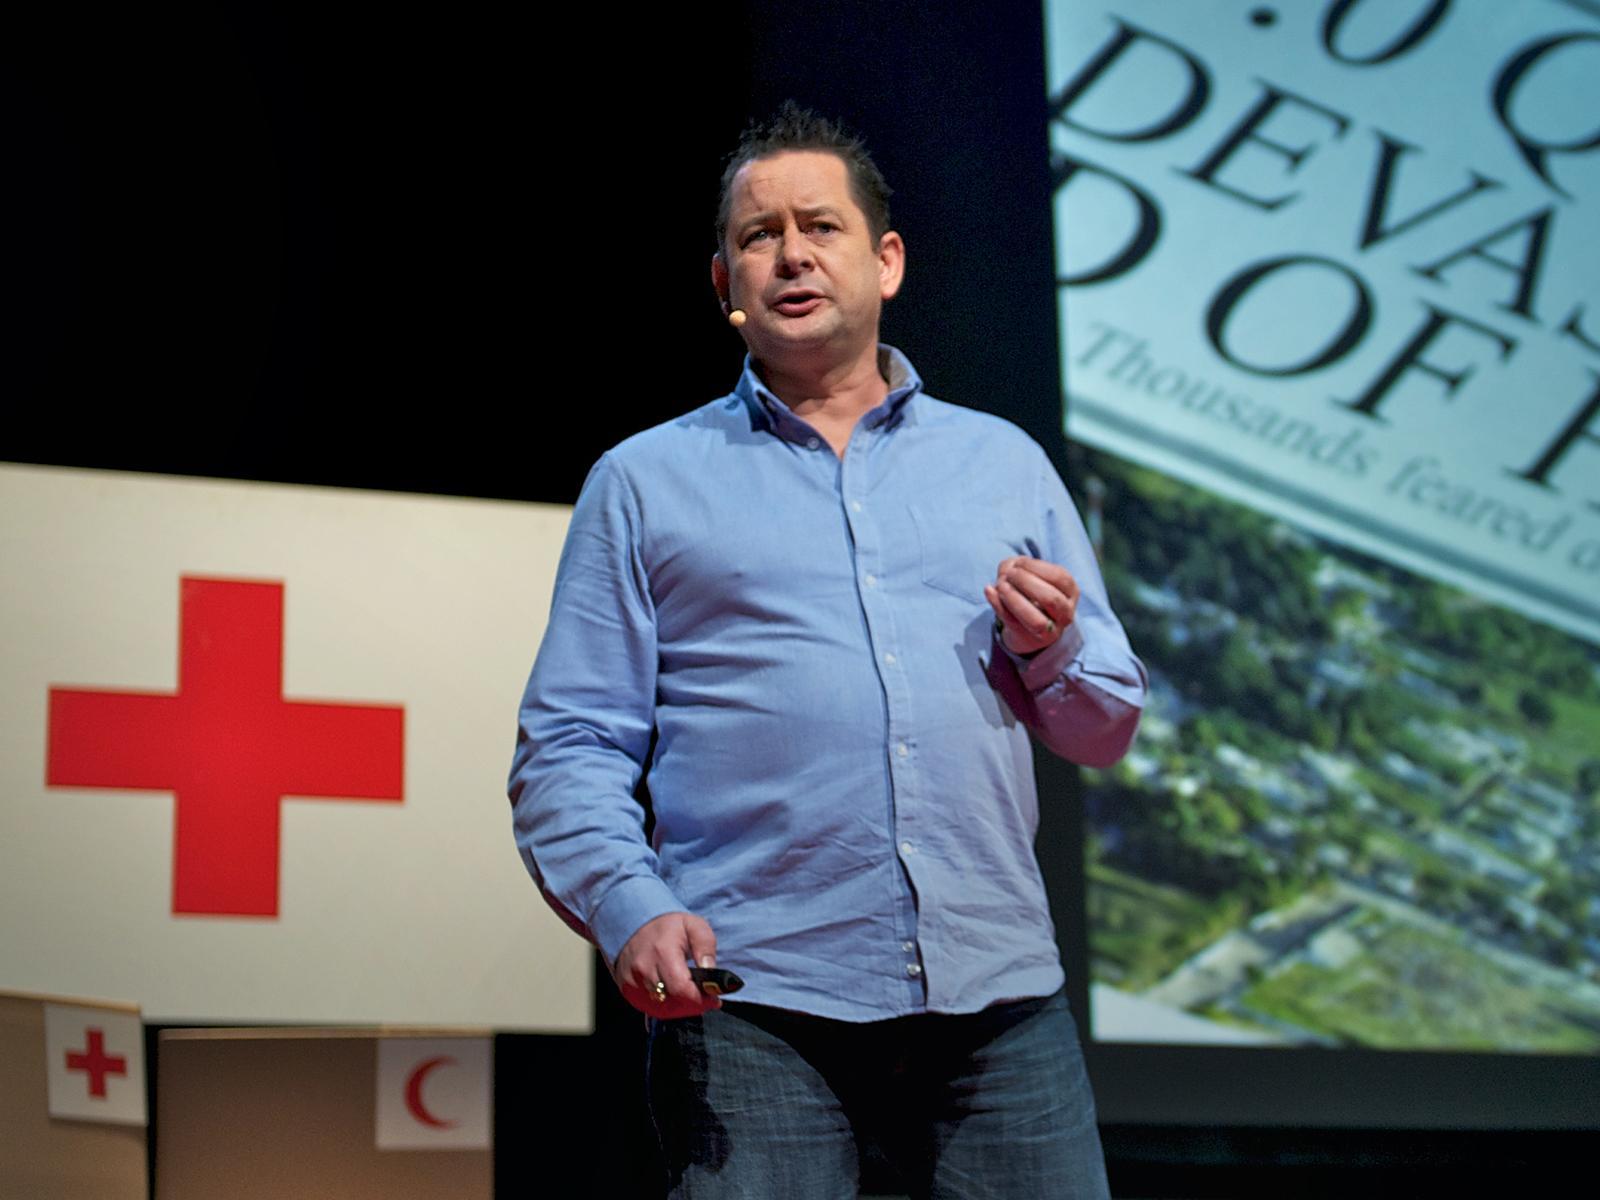 سخنرانی تد : پال کانیلی: بشر دوستی دیجیتال